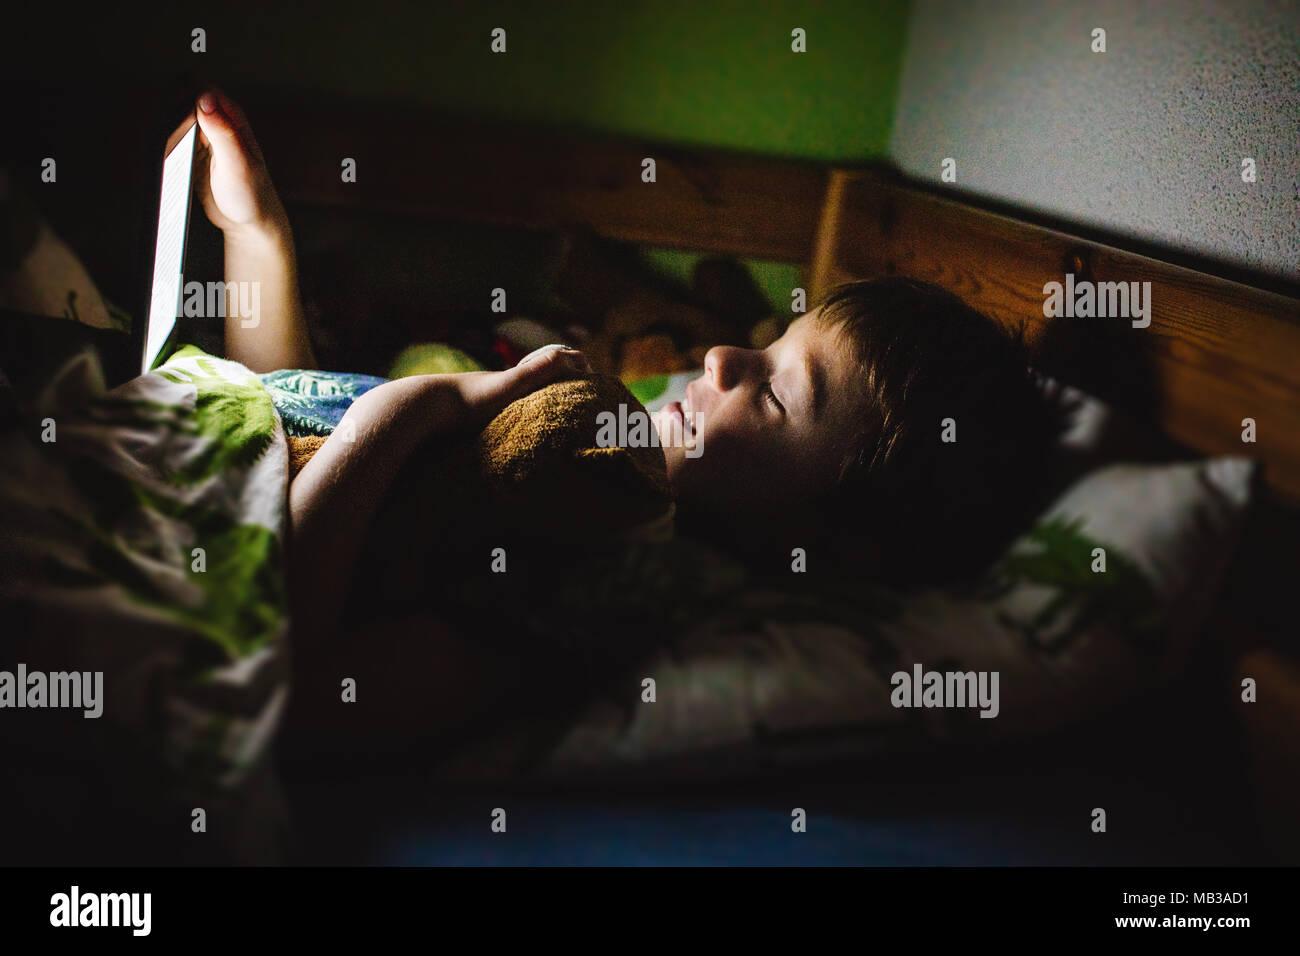 Junge lesen ein elektronisches Buch mit integriertem Licht im Bett vor dem Einschlafen. Tägliche Technologie in der Kinder leben. Dunkler Hintergrund, wenig Licht. Stockbild